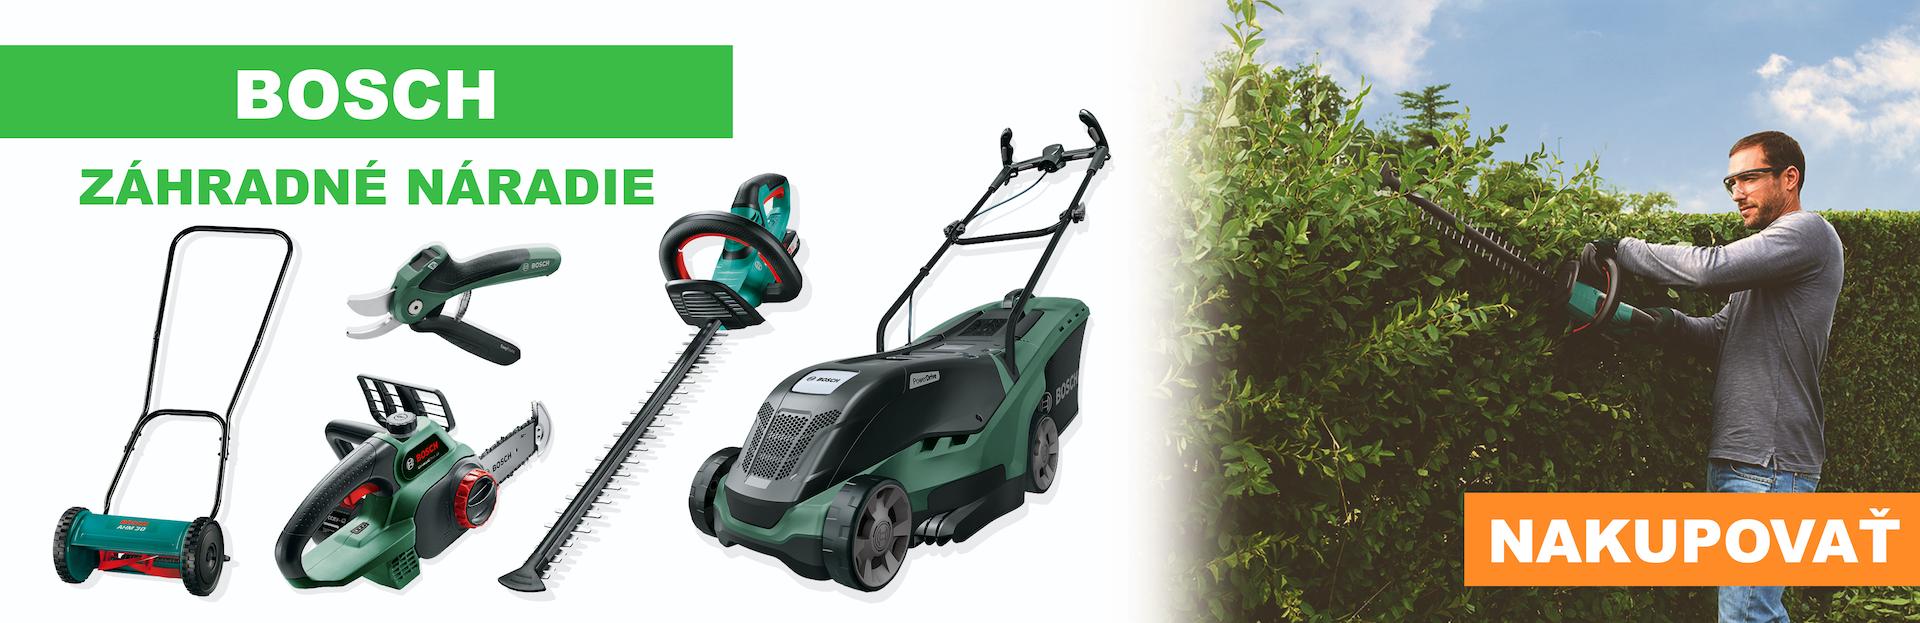 Bosch záhradné náradie